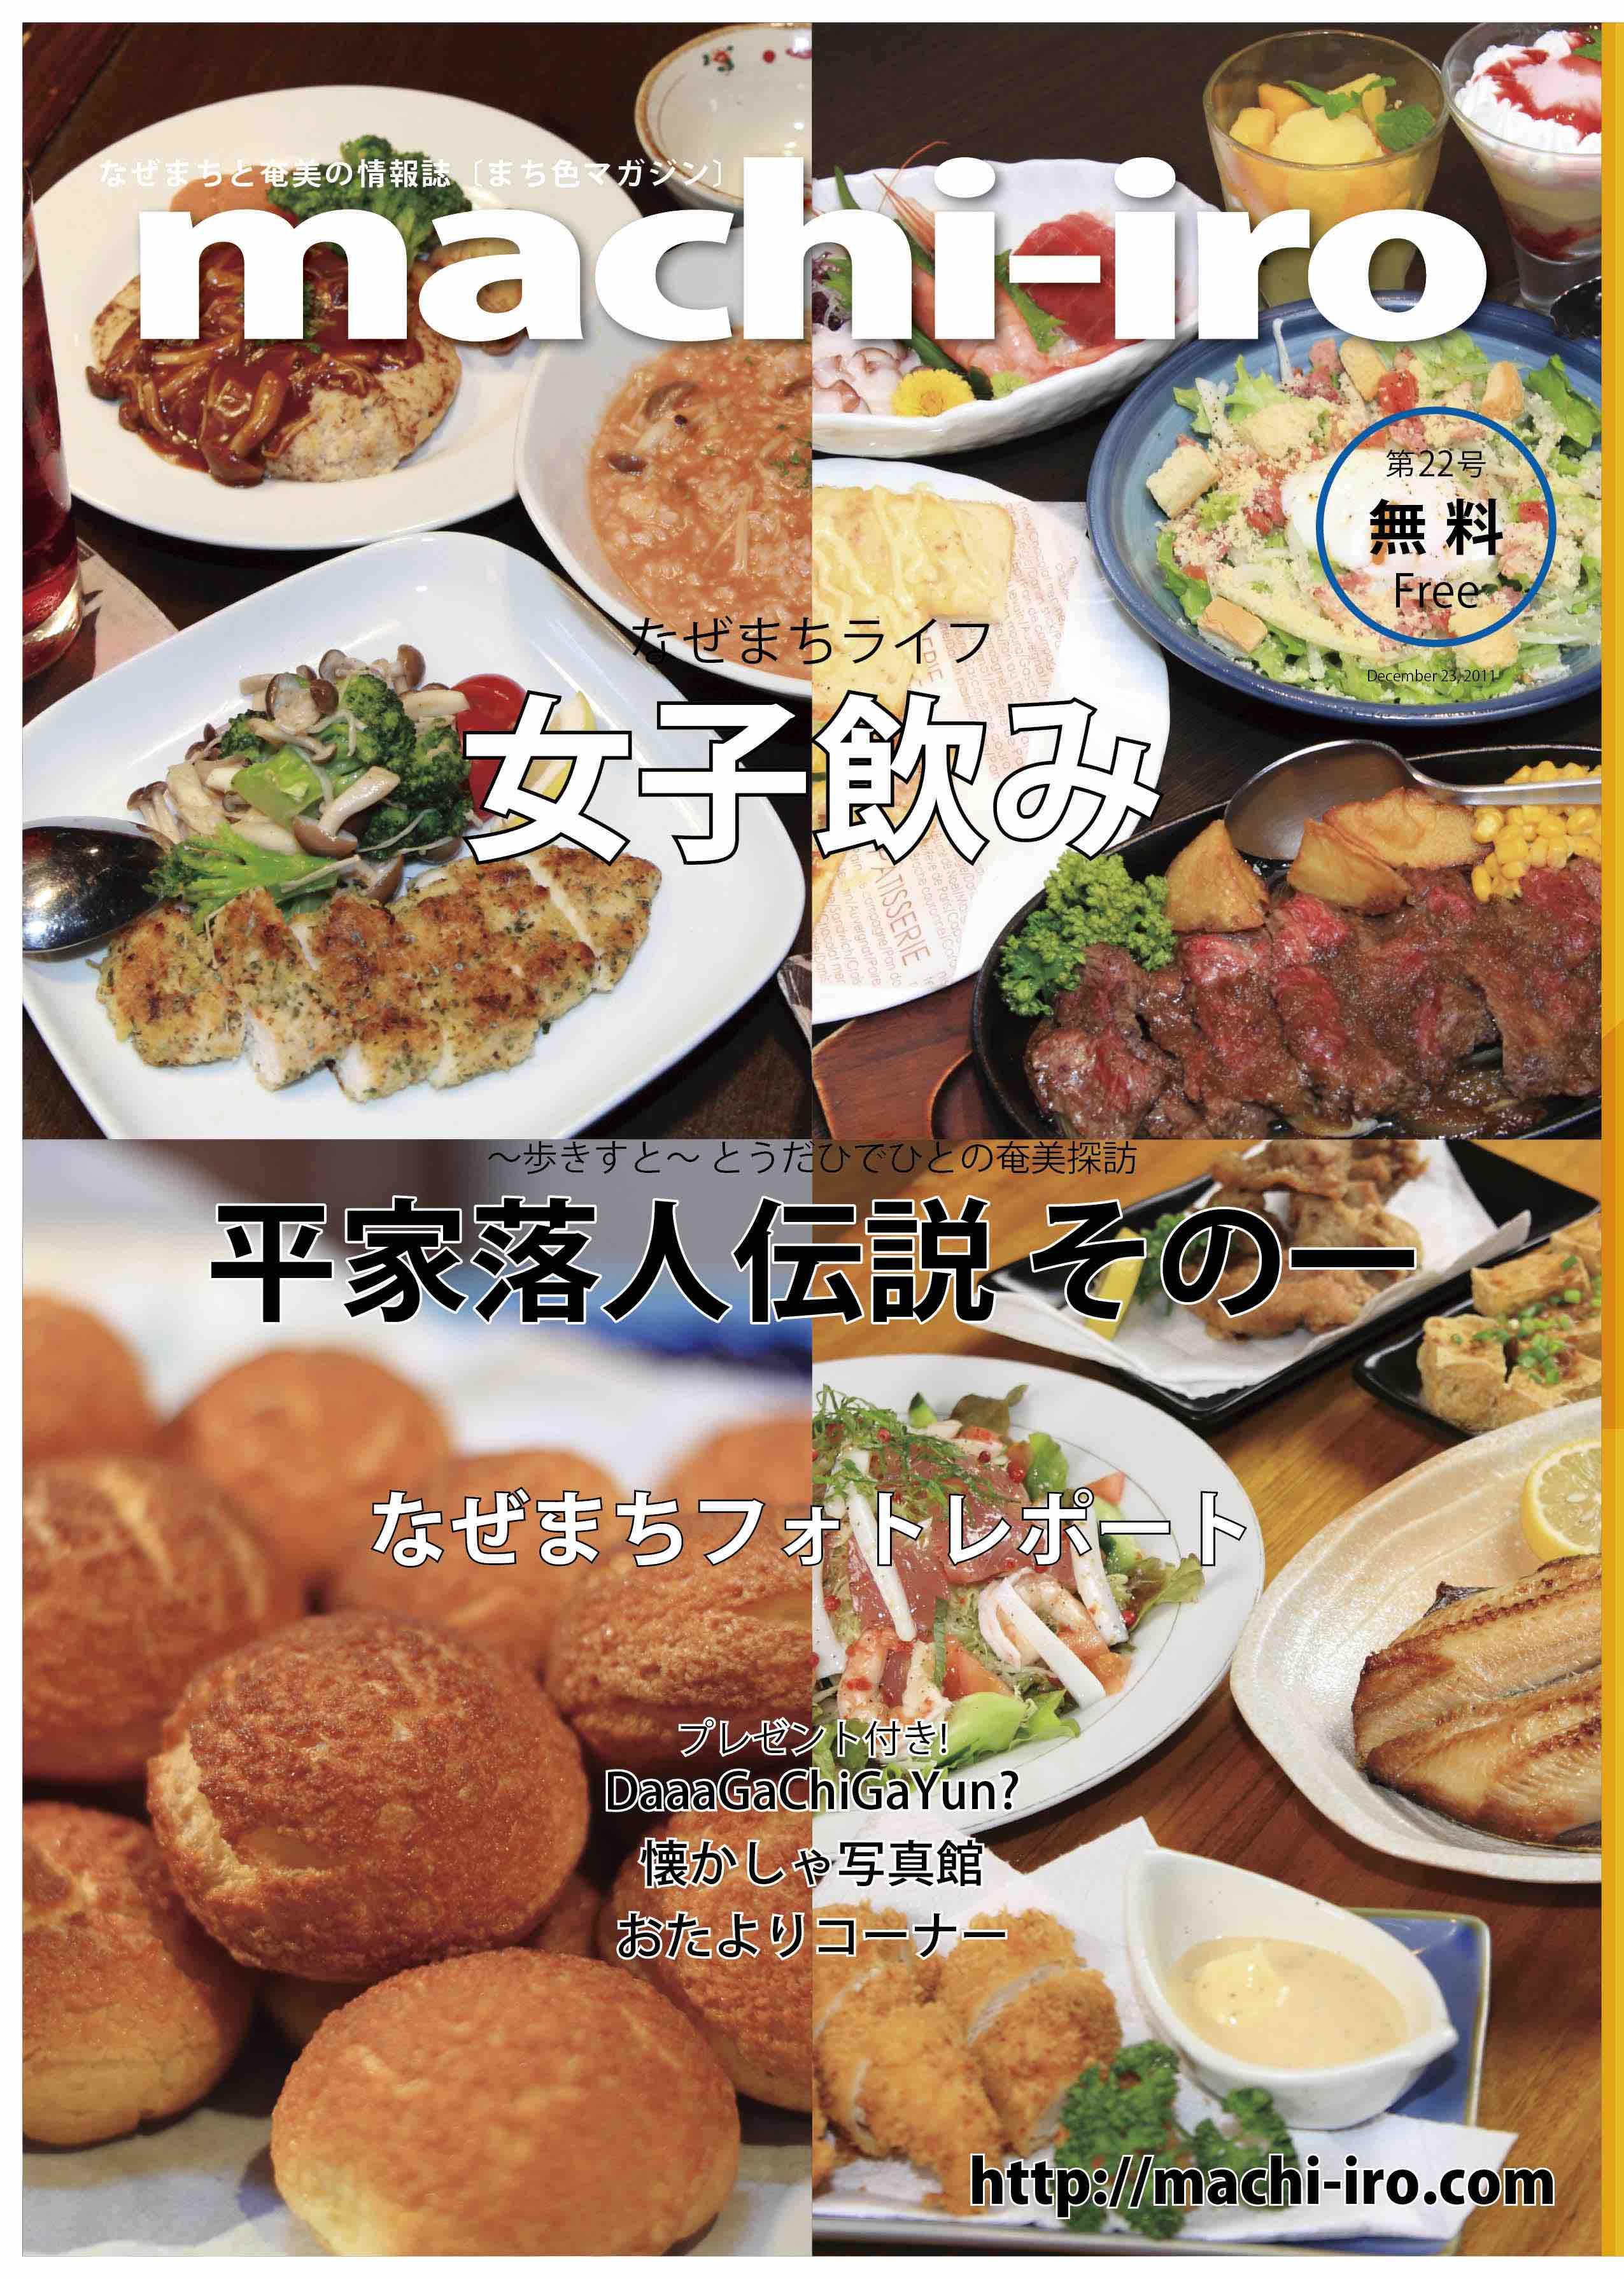 machi-iro magazine #22